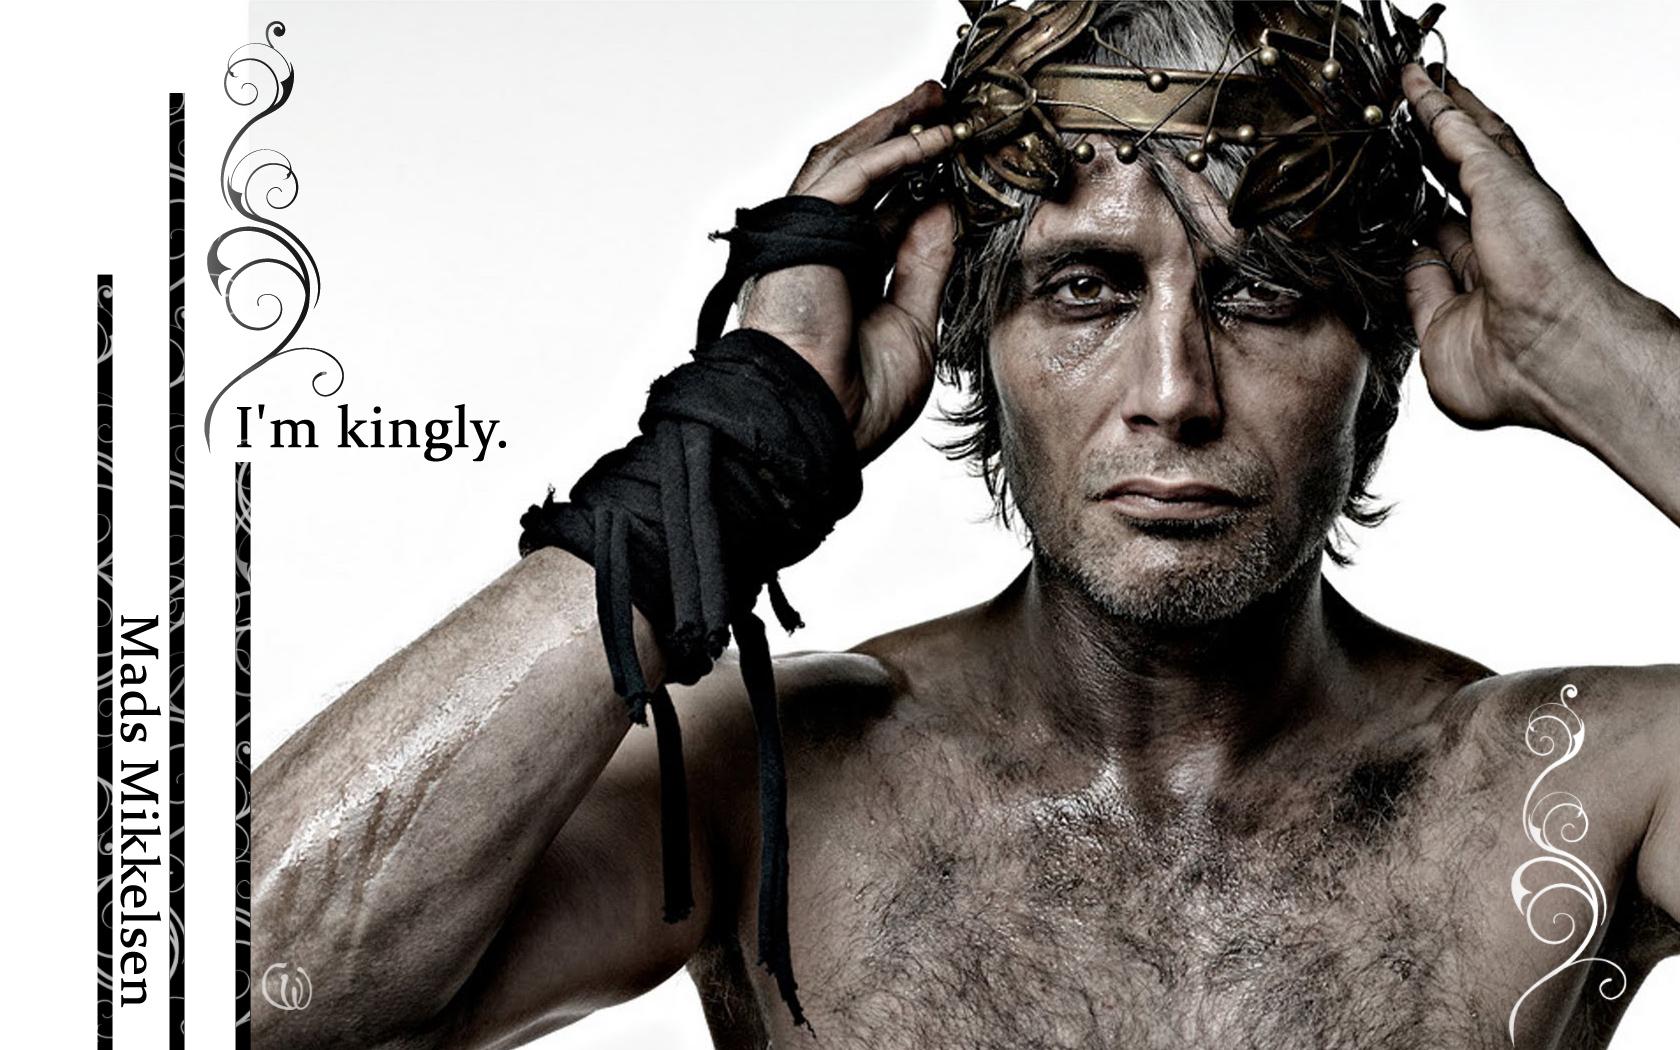 Mads Mikkelsen kertas dinding I am kingly